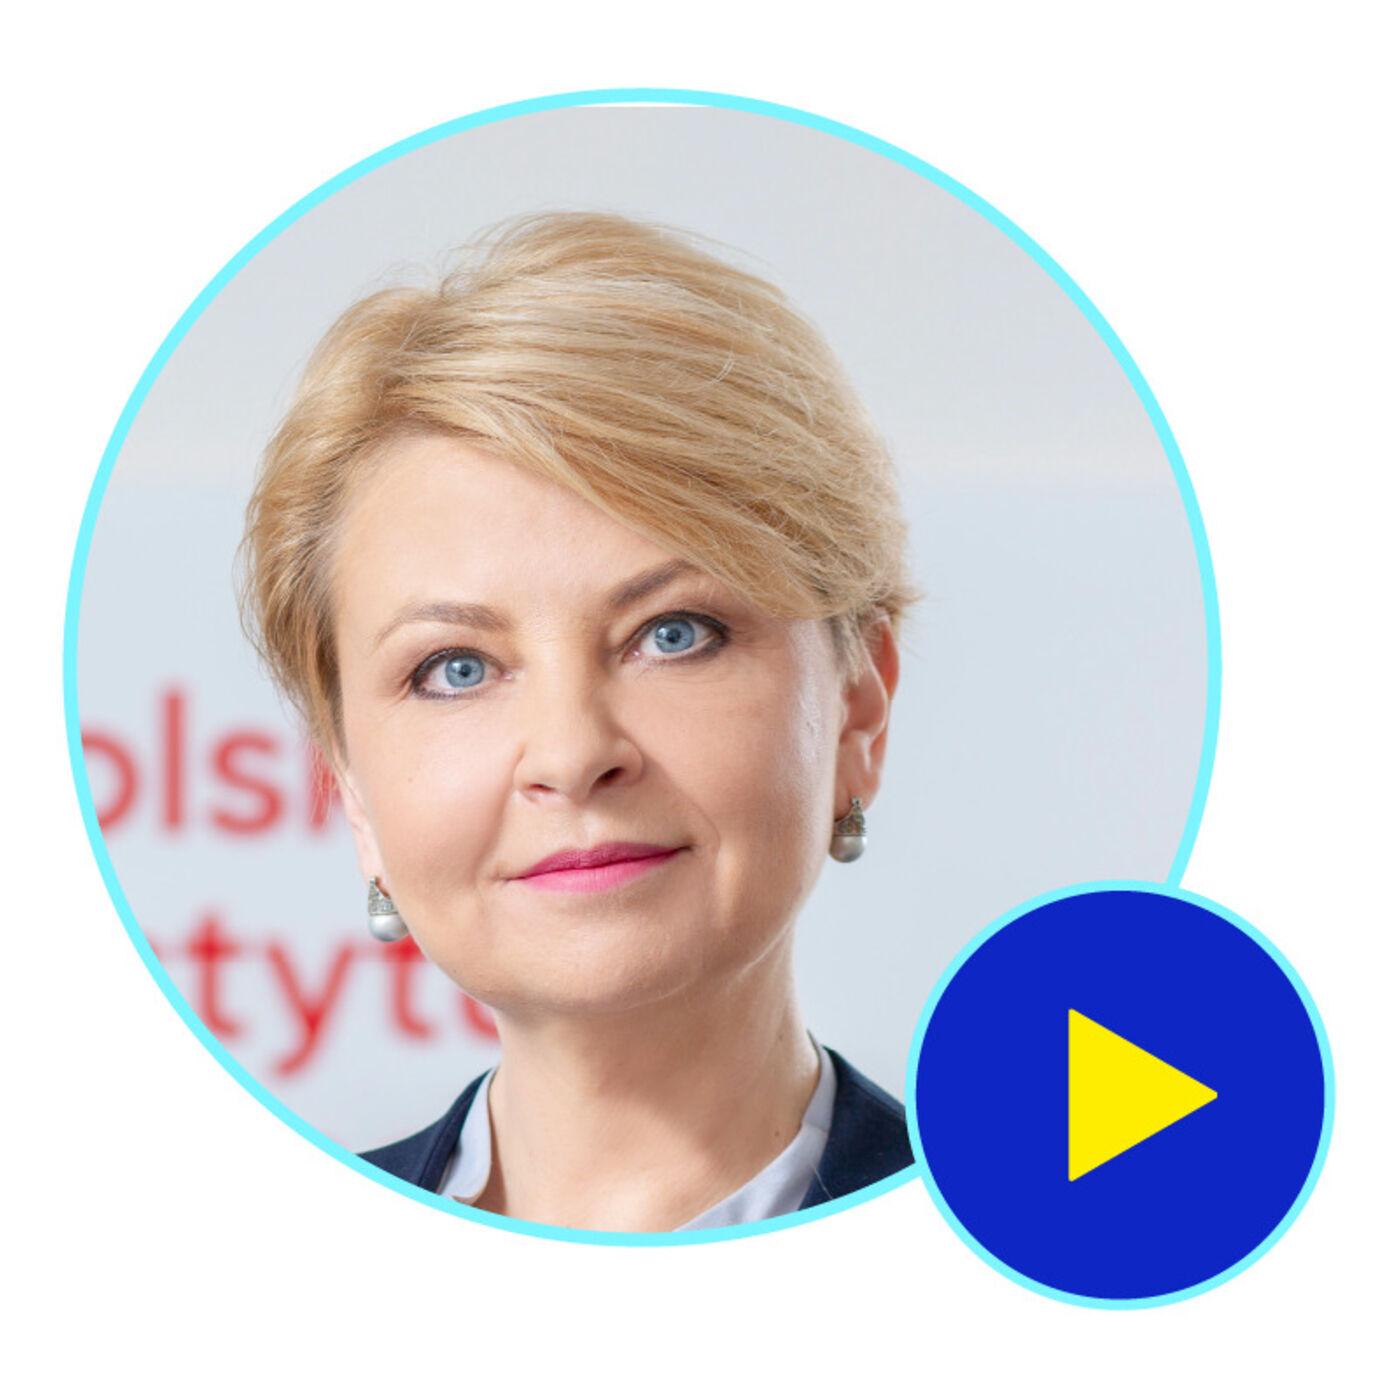 Czy polska branża turystyczna może zyskać na kryzysie? - gość Katarzyna Dębkowska